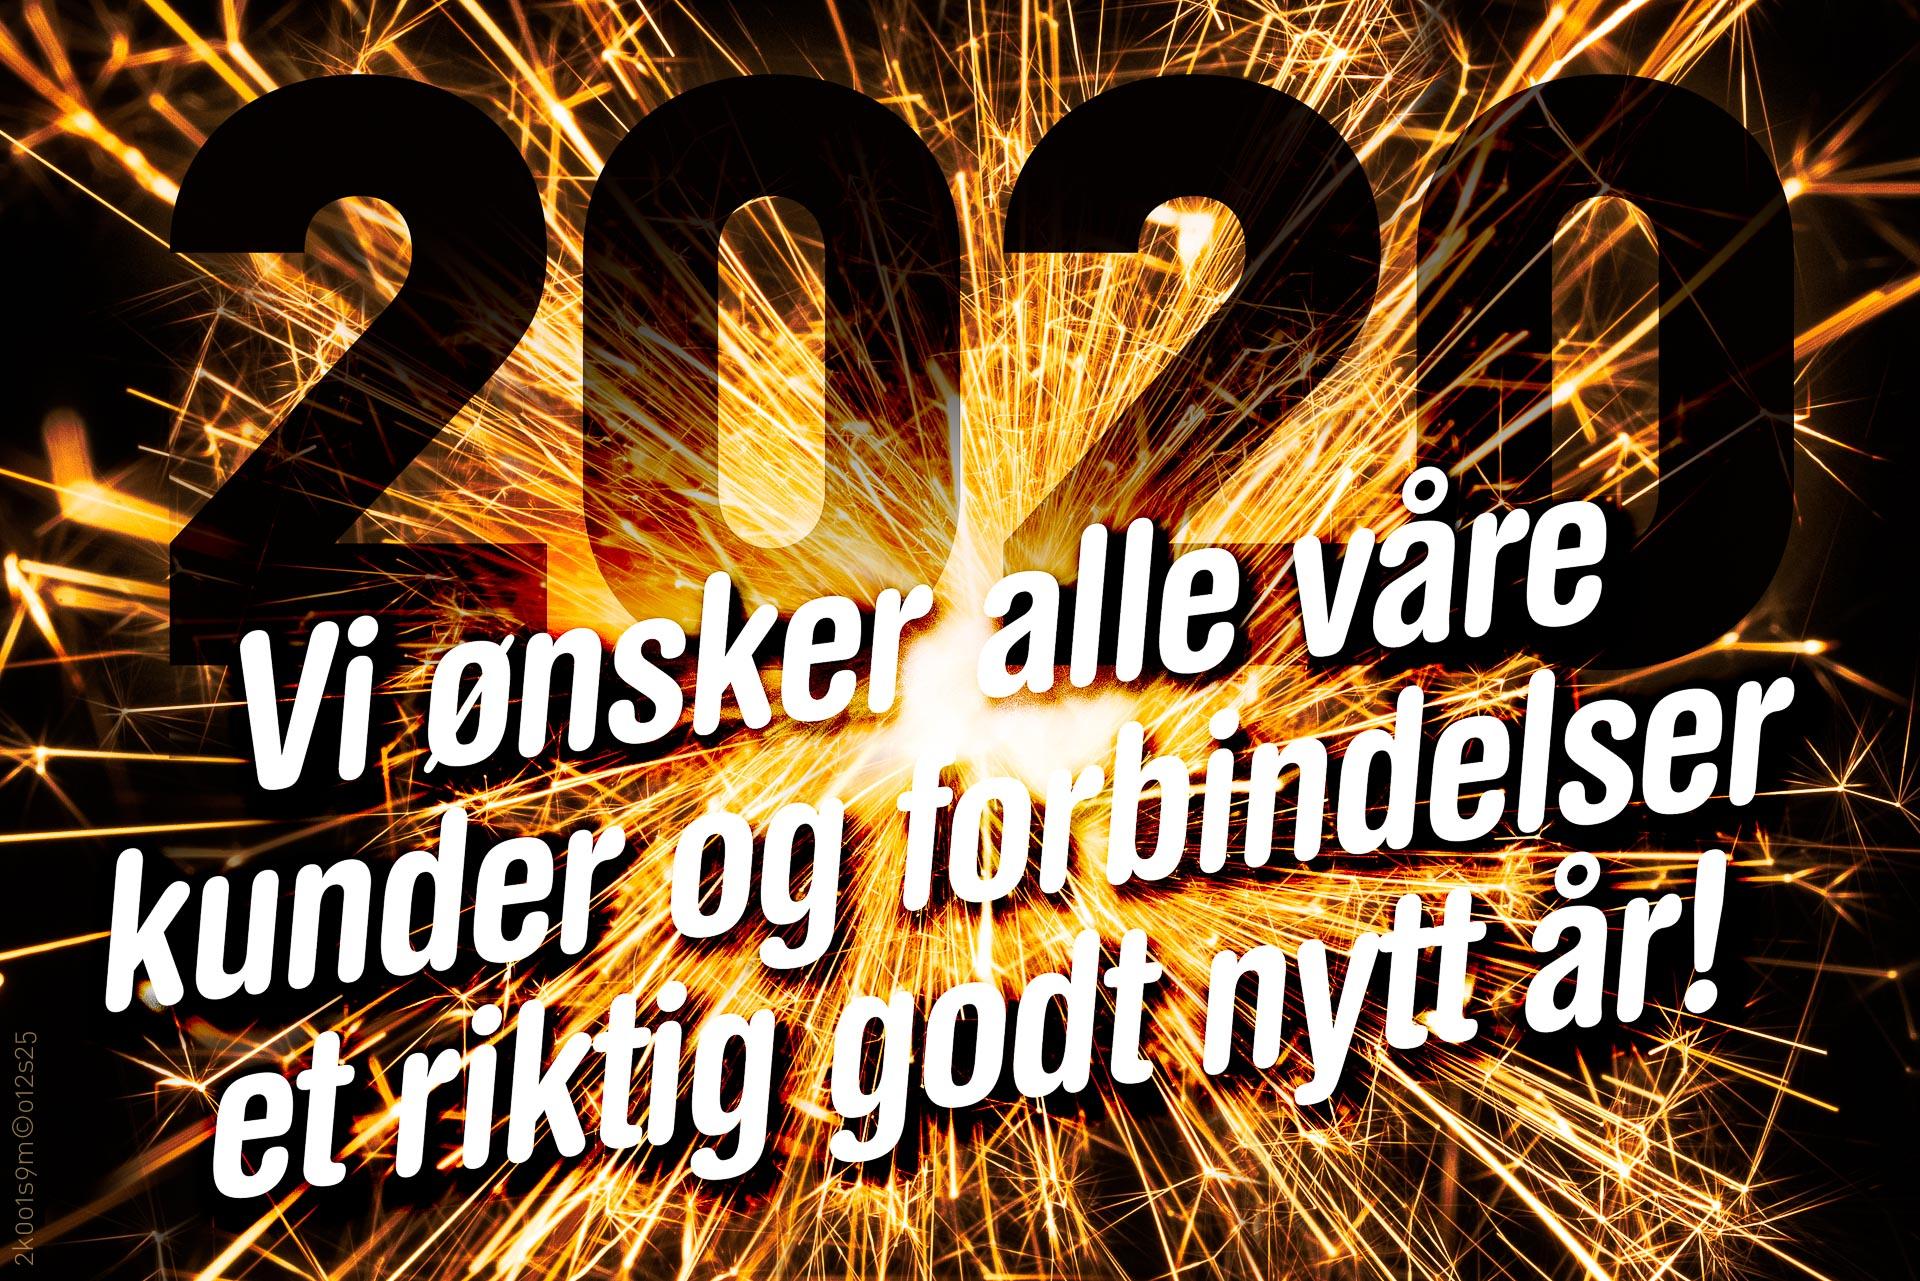 Nyttårsmarkering i form av sprakende stjerneskuddbilde, årstallet 2020 og tekst «Vi ønsker alle våre kunder og forbindelser et riktig godt nytt år!».